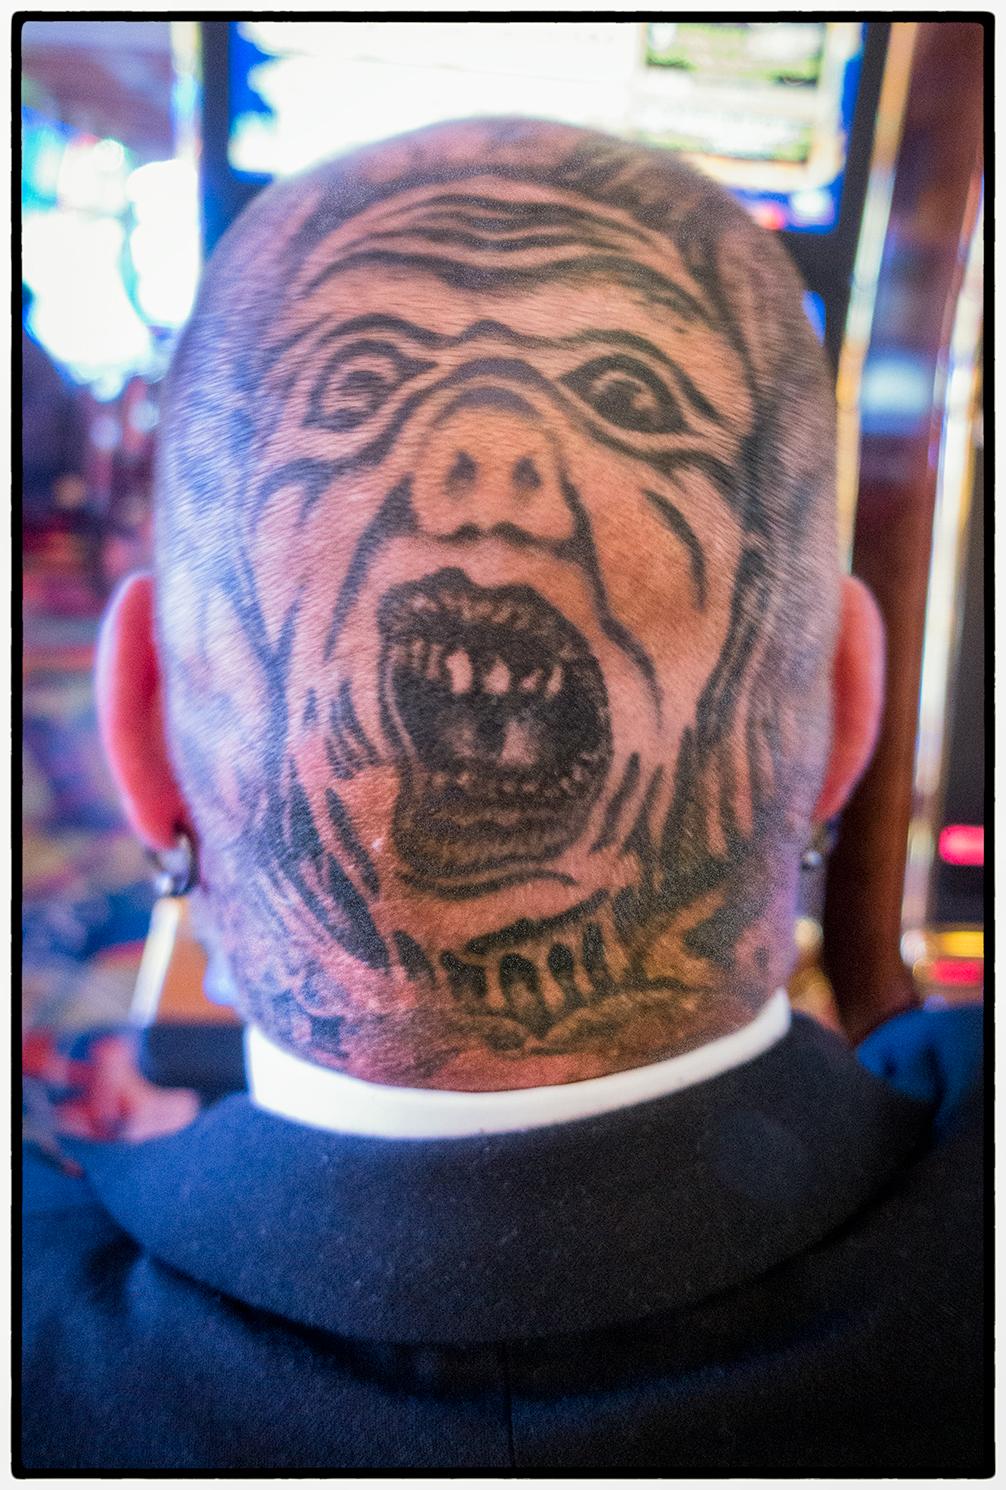 Tattooed Man, Biloxi, Mississippi